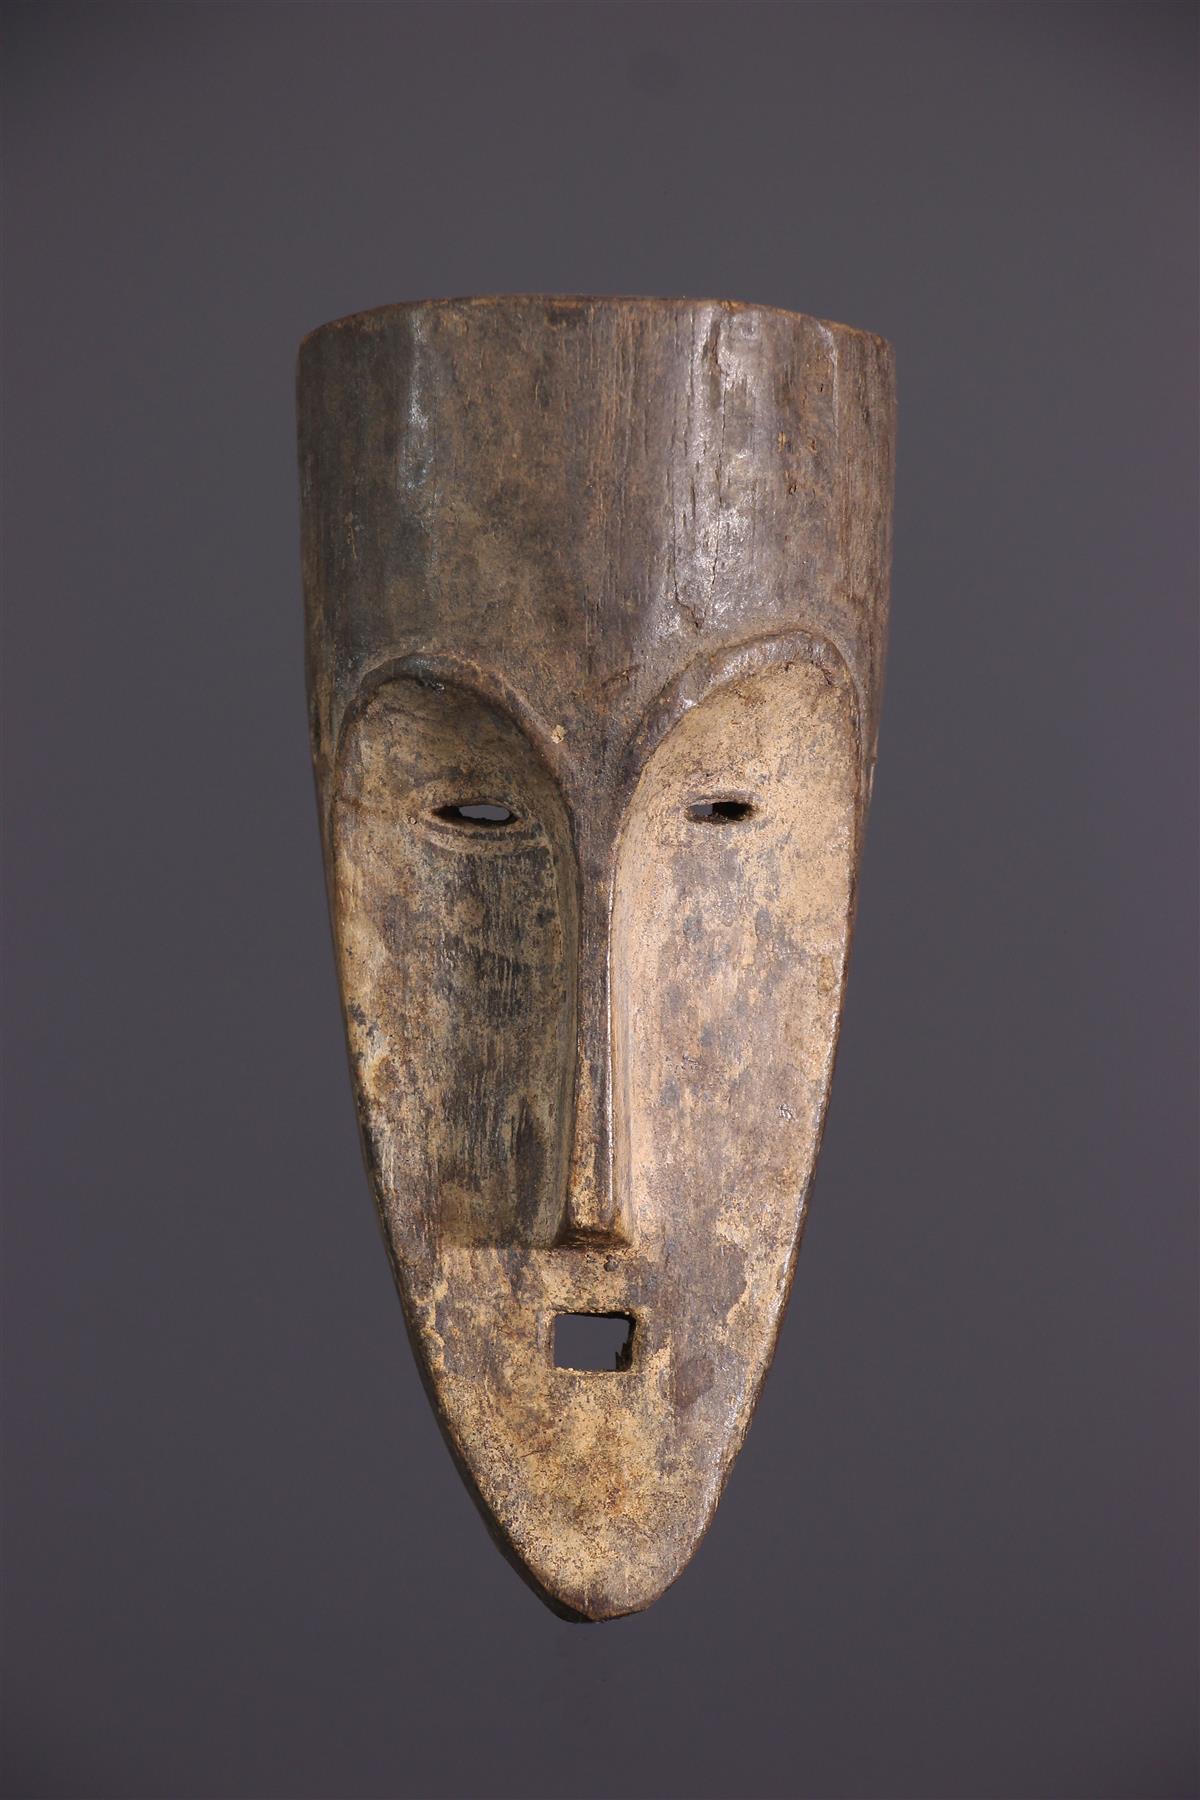 Masquette Fang - African art